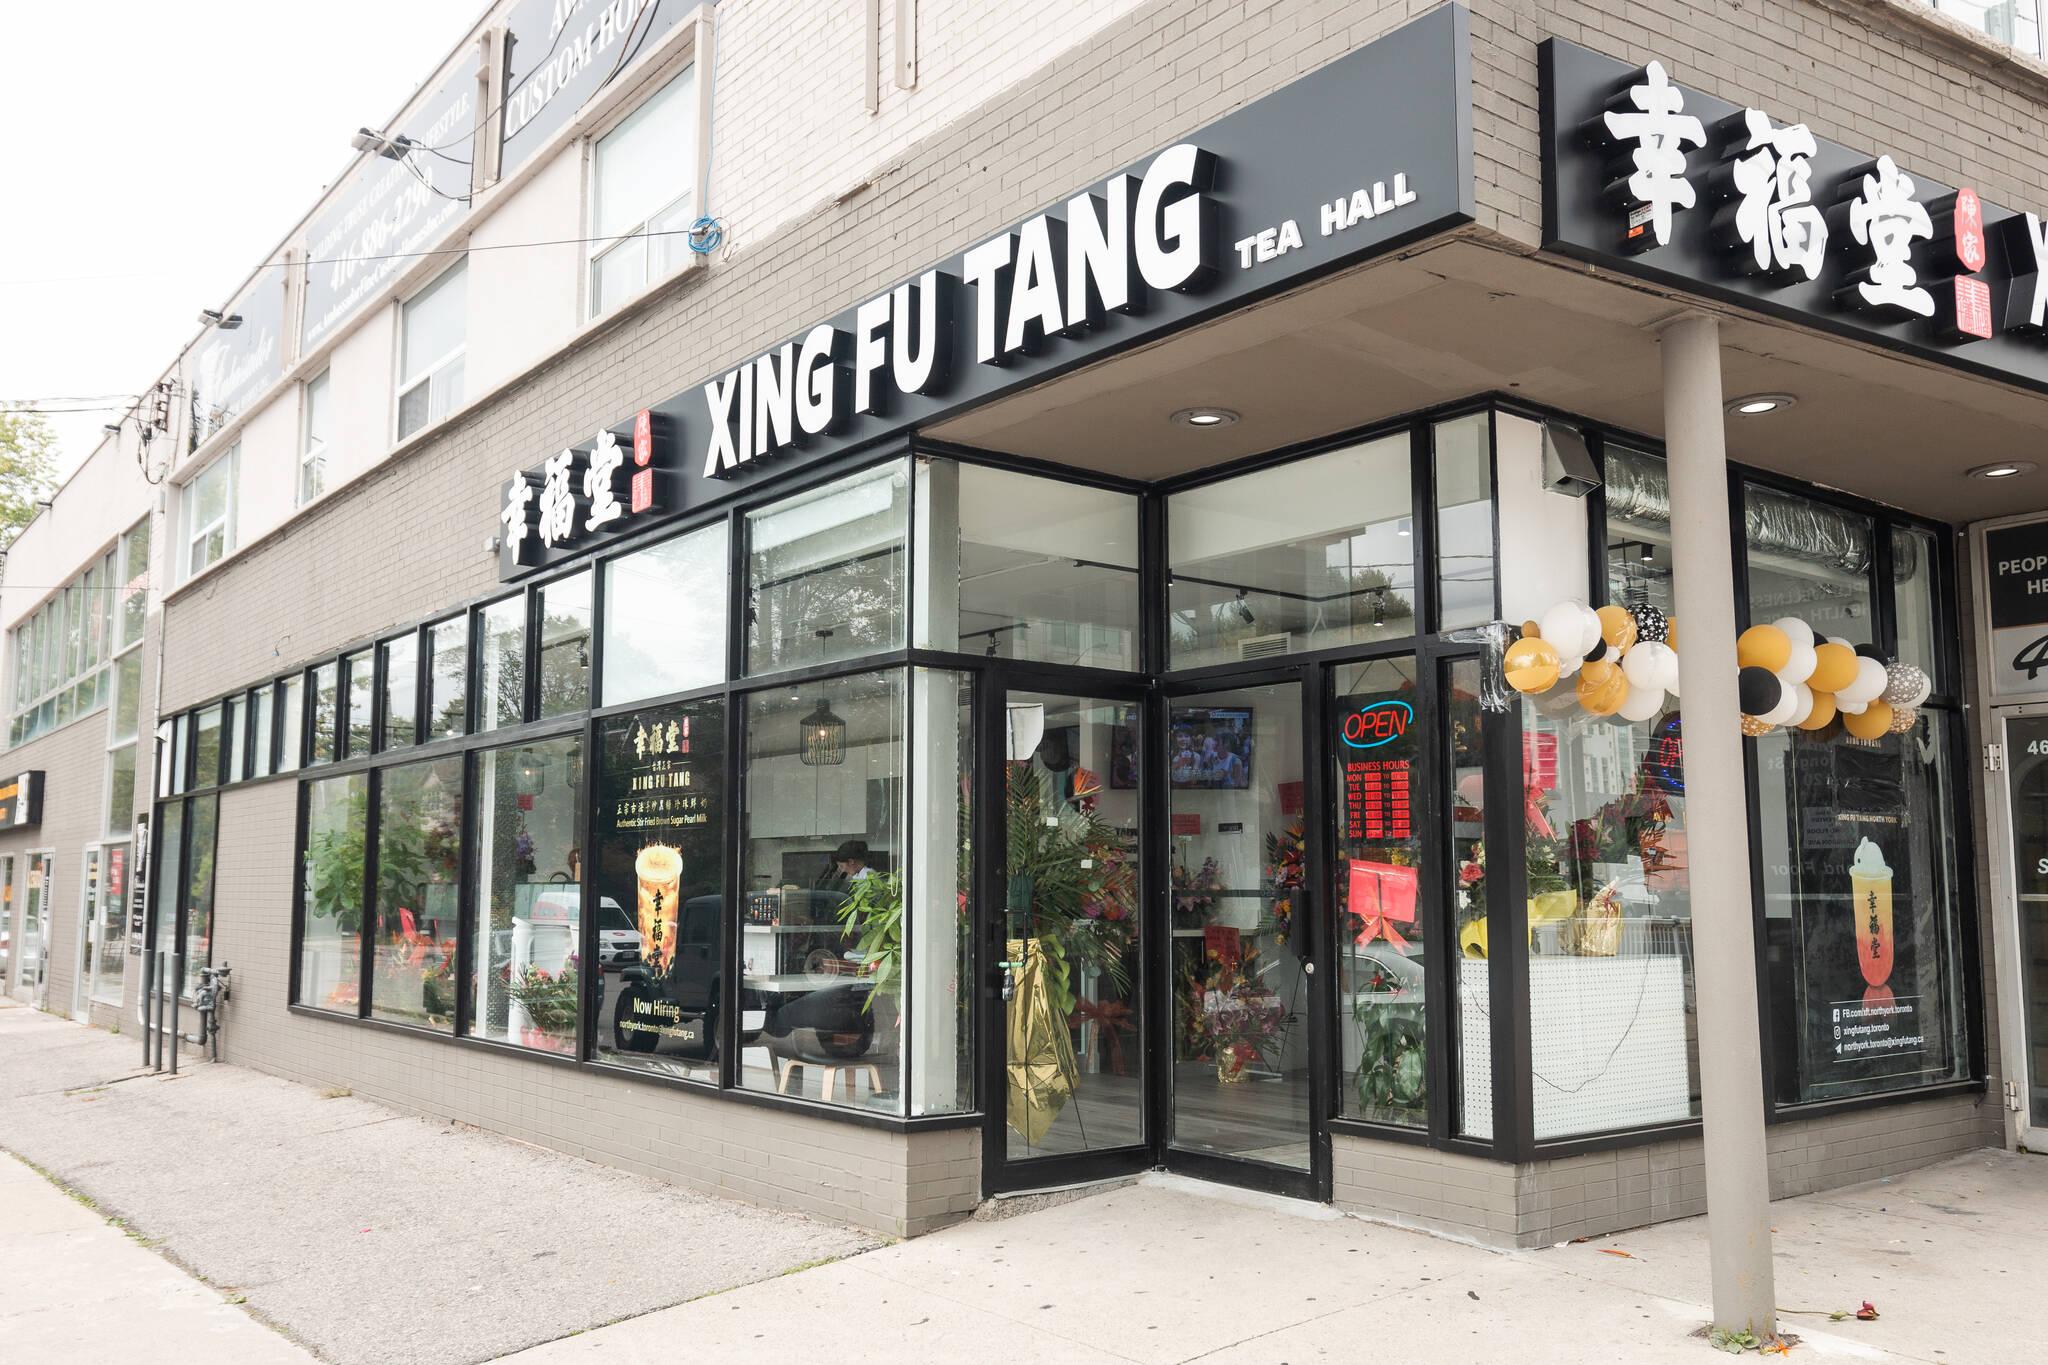 Xing Fu Tang North York